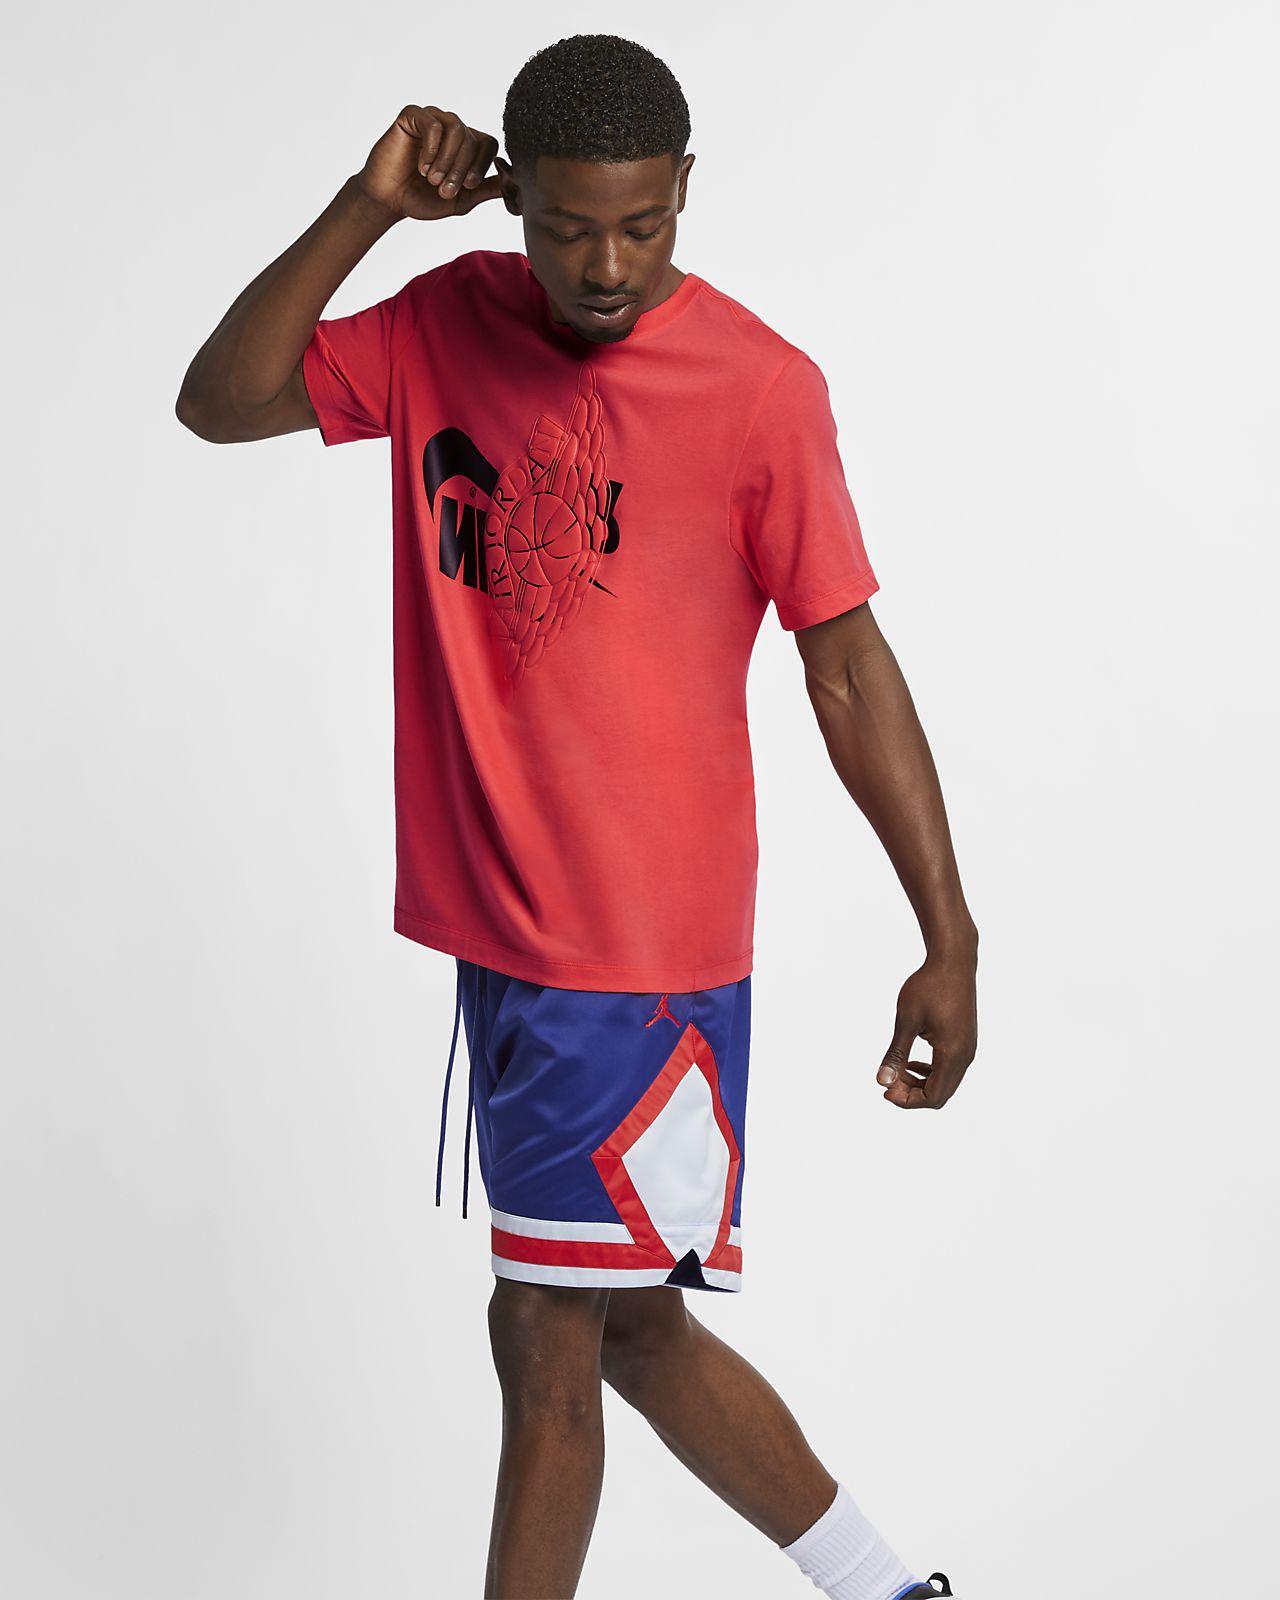 d98f54670e8210 Jordan Futura Wings Men s T-Shirt. Nike.com IN